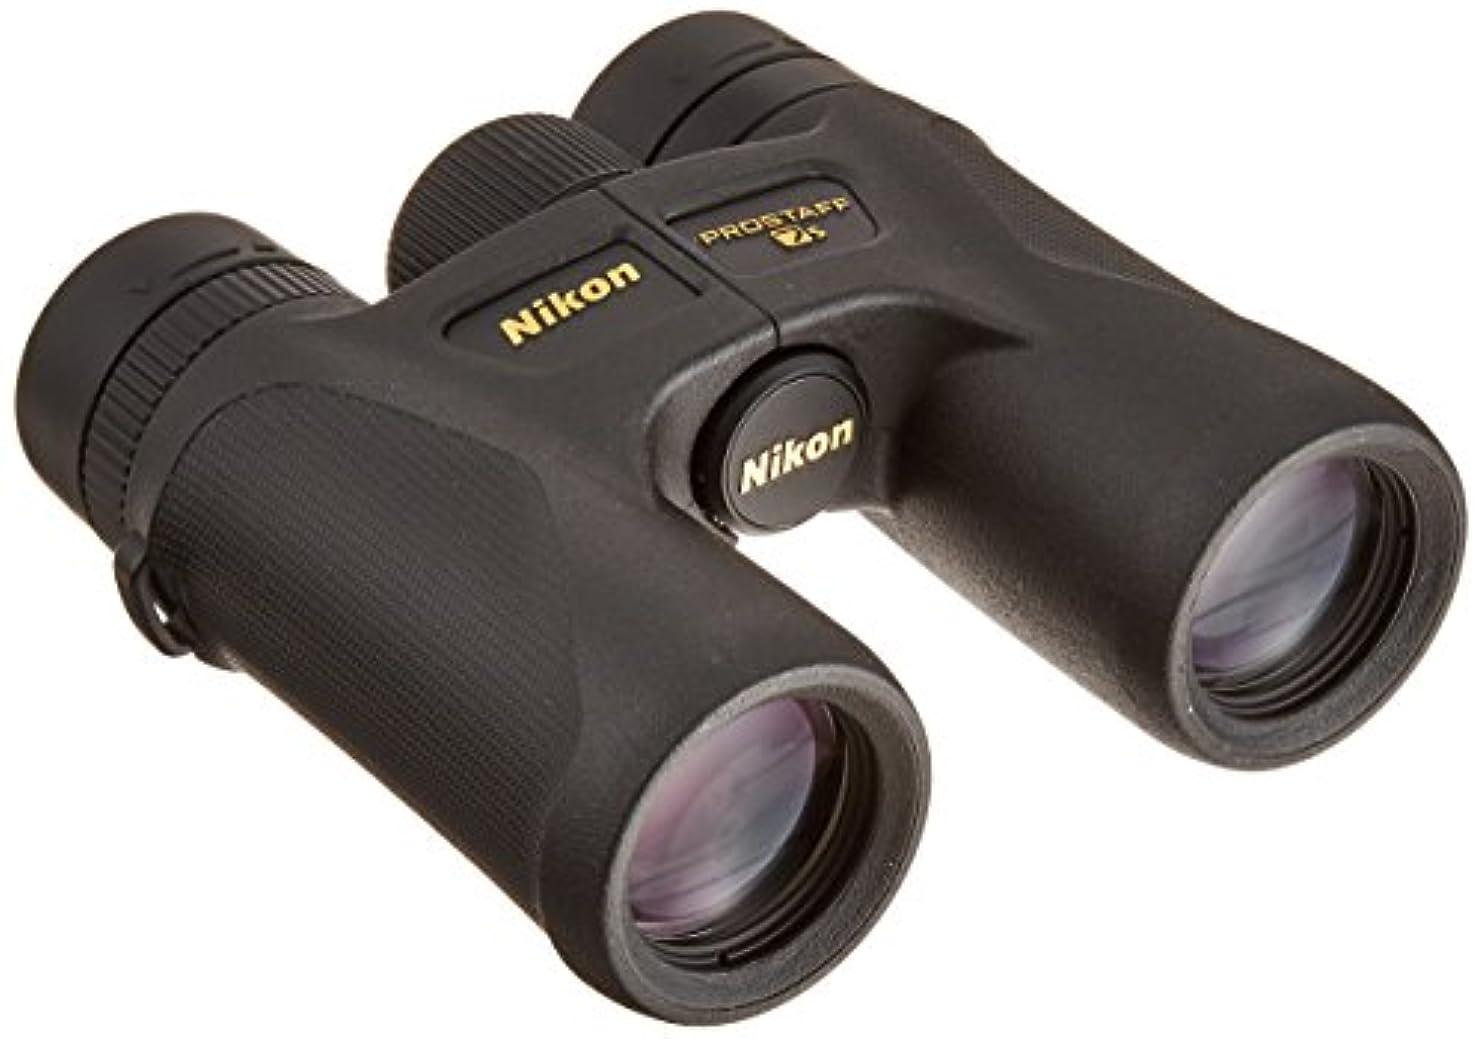 申込み微妙レオナルドダNikon 双眼鏡 プロスタッフ 7S 8x30 ダハプリズム式 8倍30口径 PS7S8X30